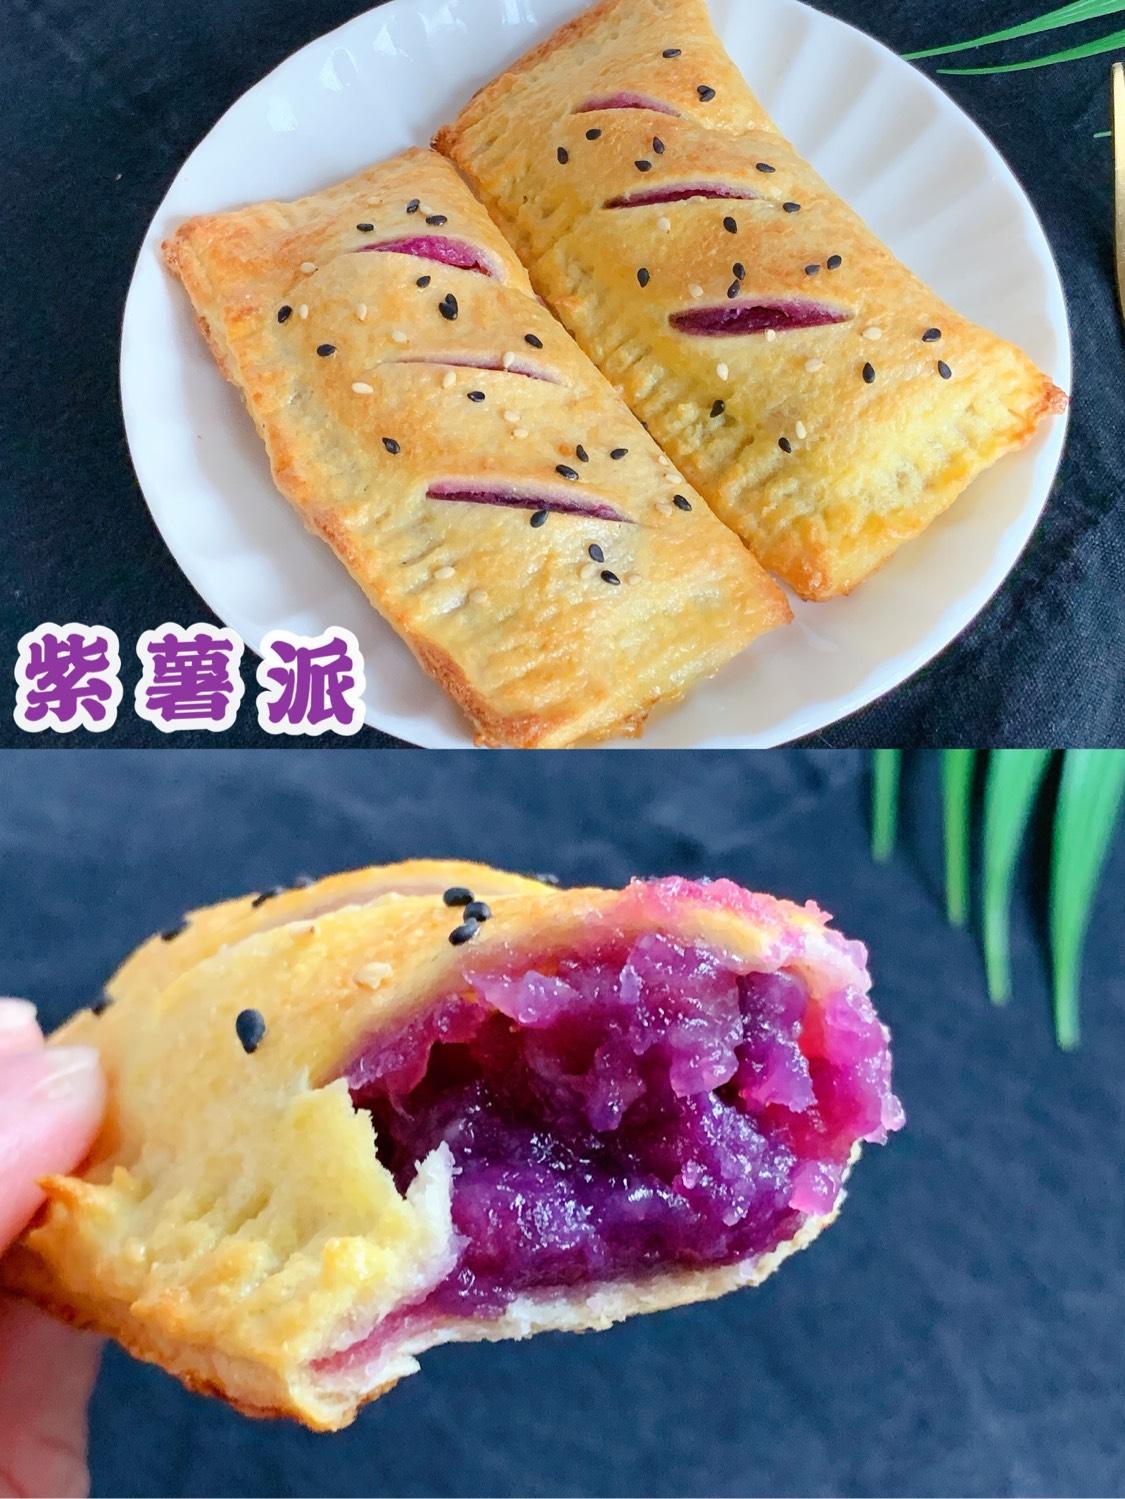 免揉面❗️比M记还吃的紫薯派,简单零失